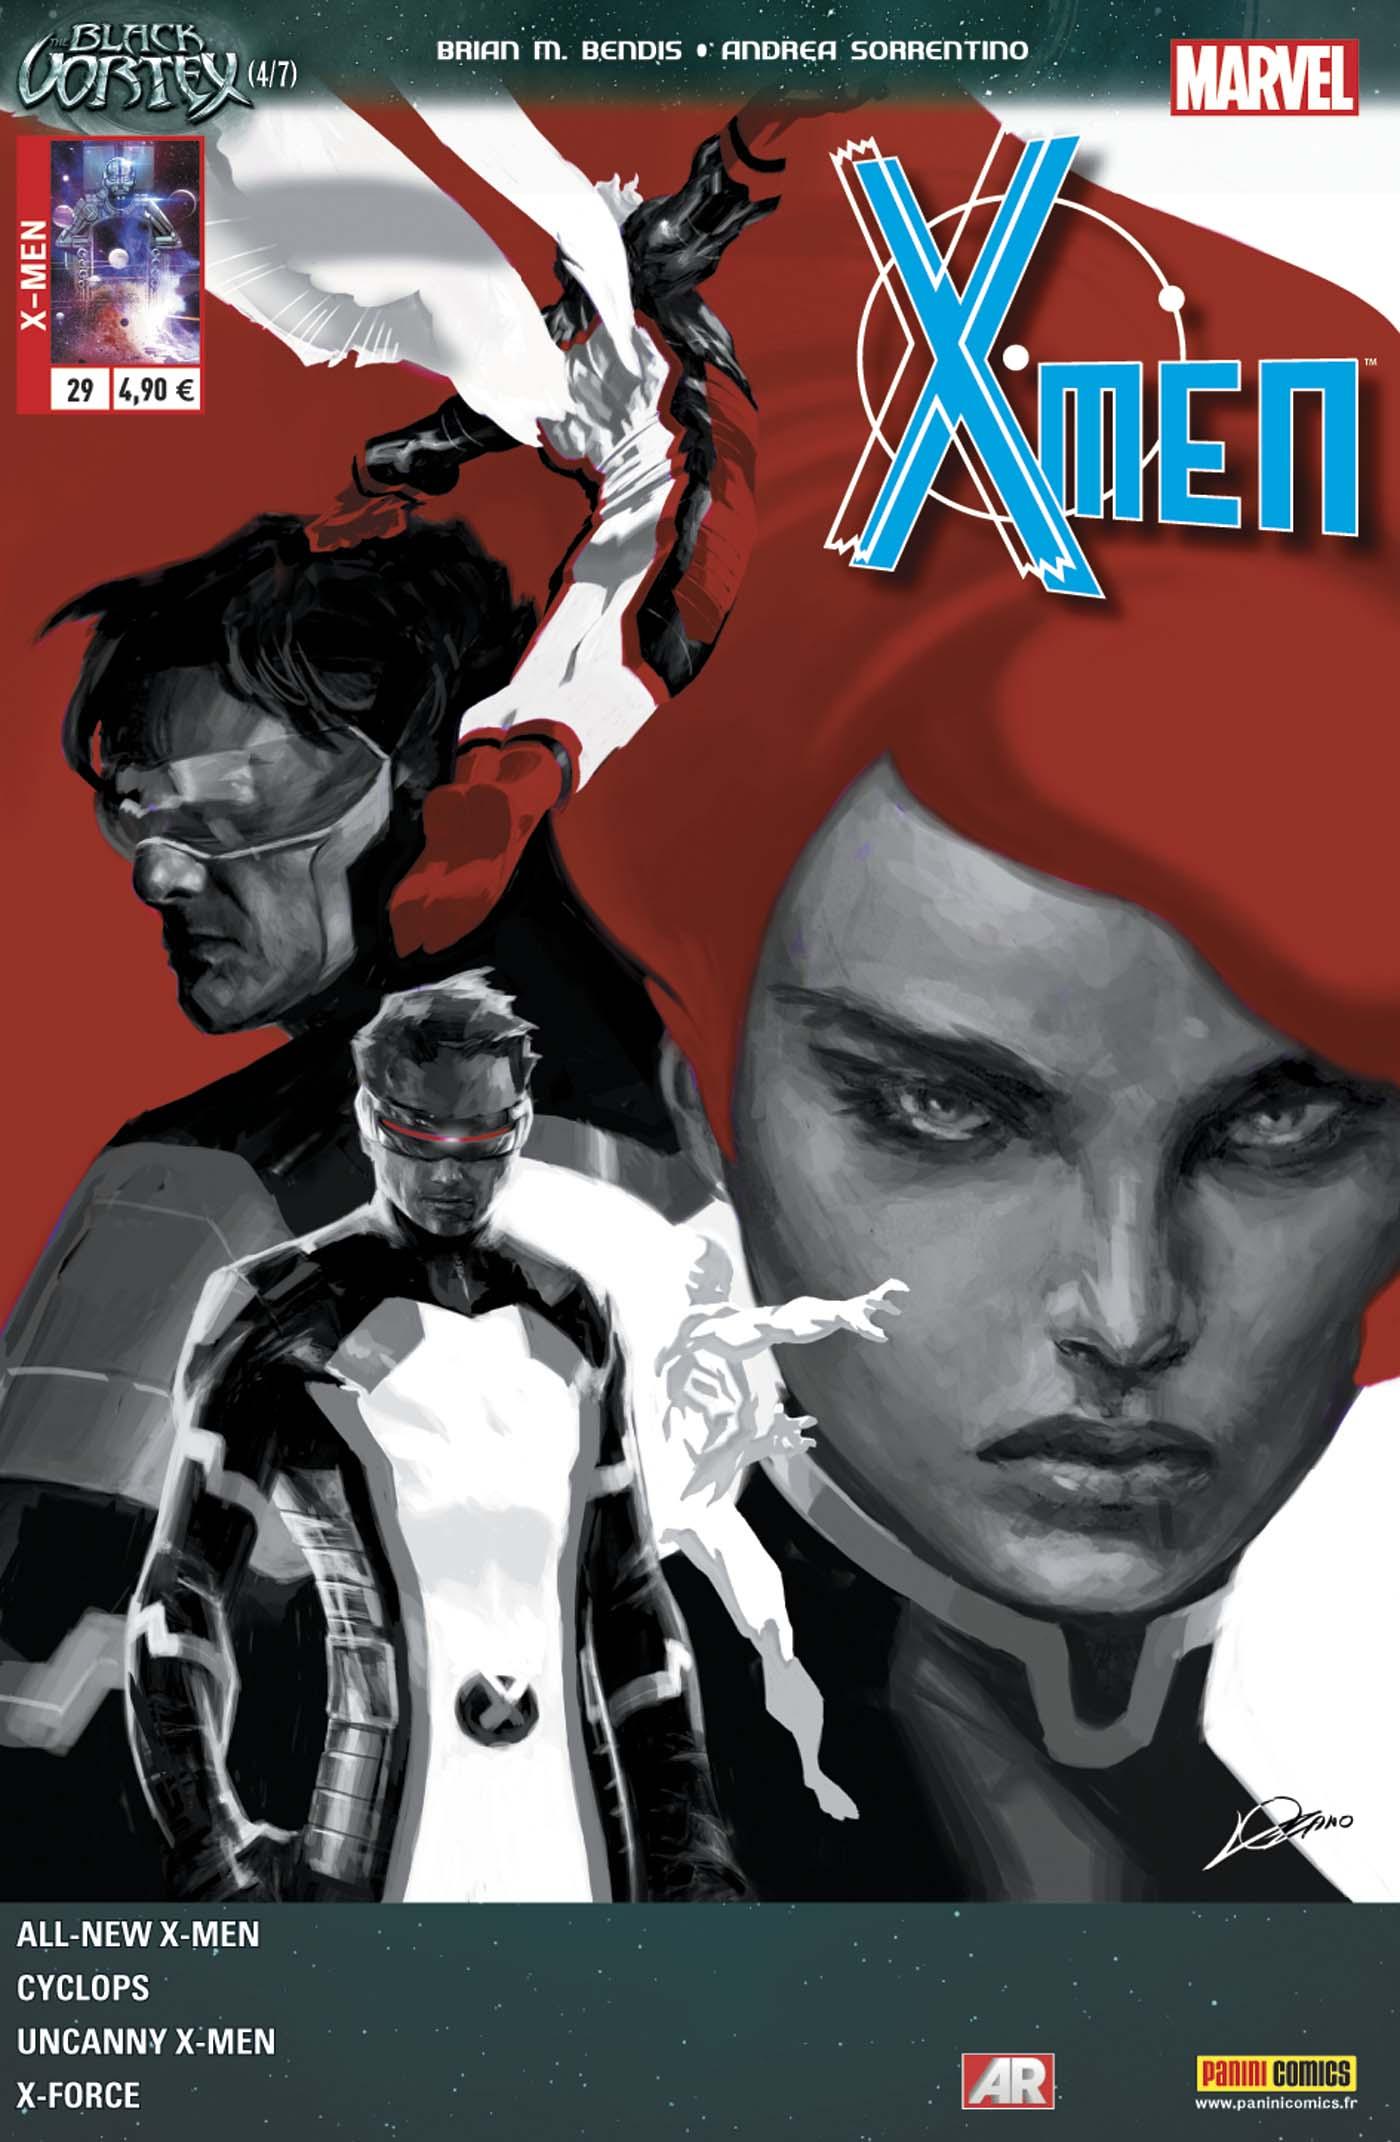 X-Men 29 - LE VORTEX NOIR 4 (sur 7)